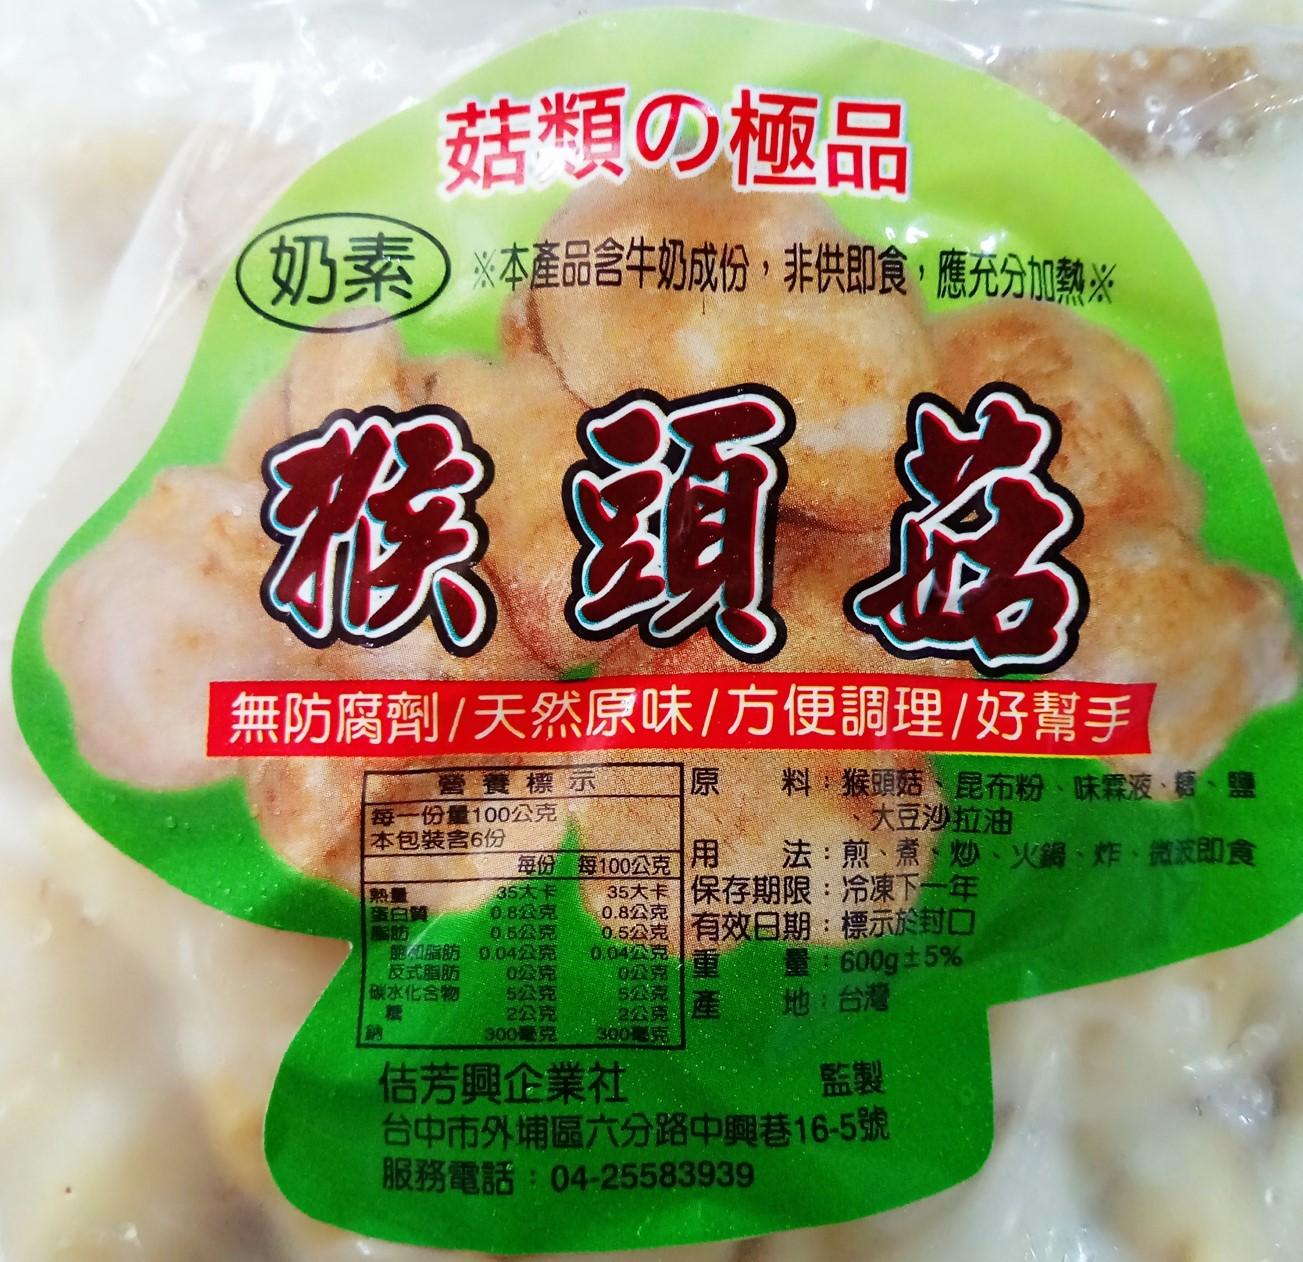 Image Monkeyhead Mushroom 白猴頭菇 1800grams